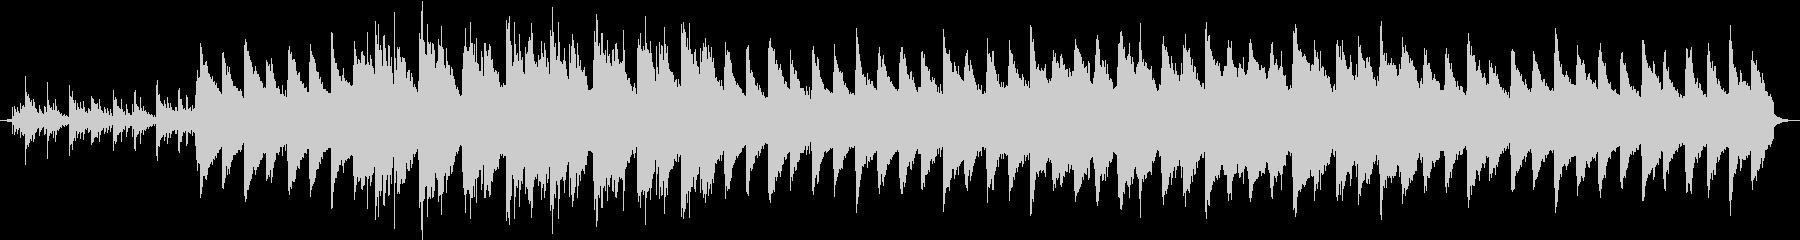 感動のシーン、切ないピアノのバラードの未再生の波形